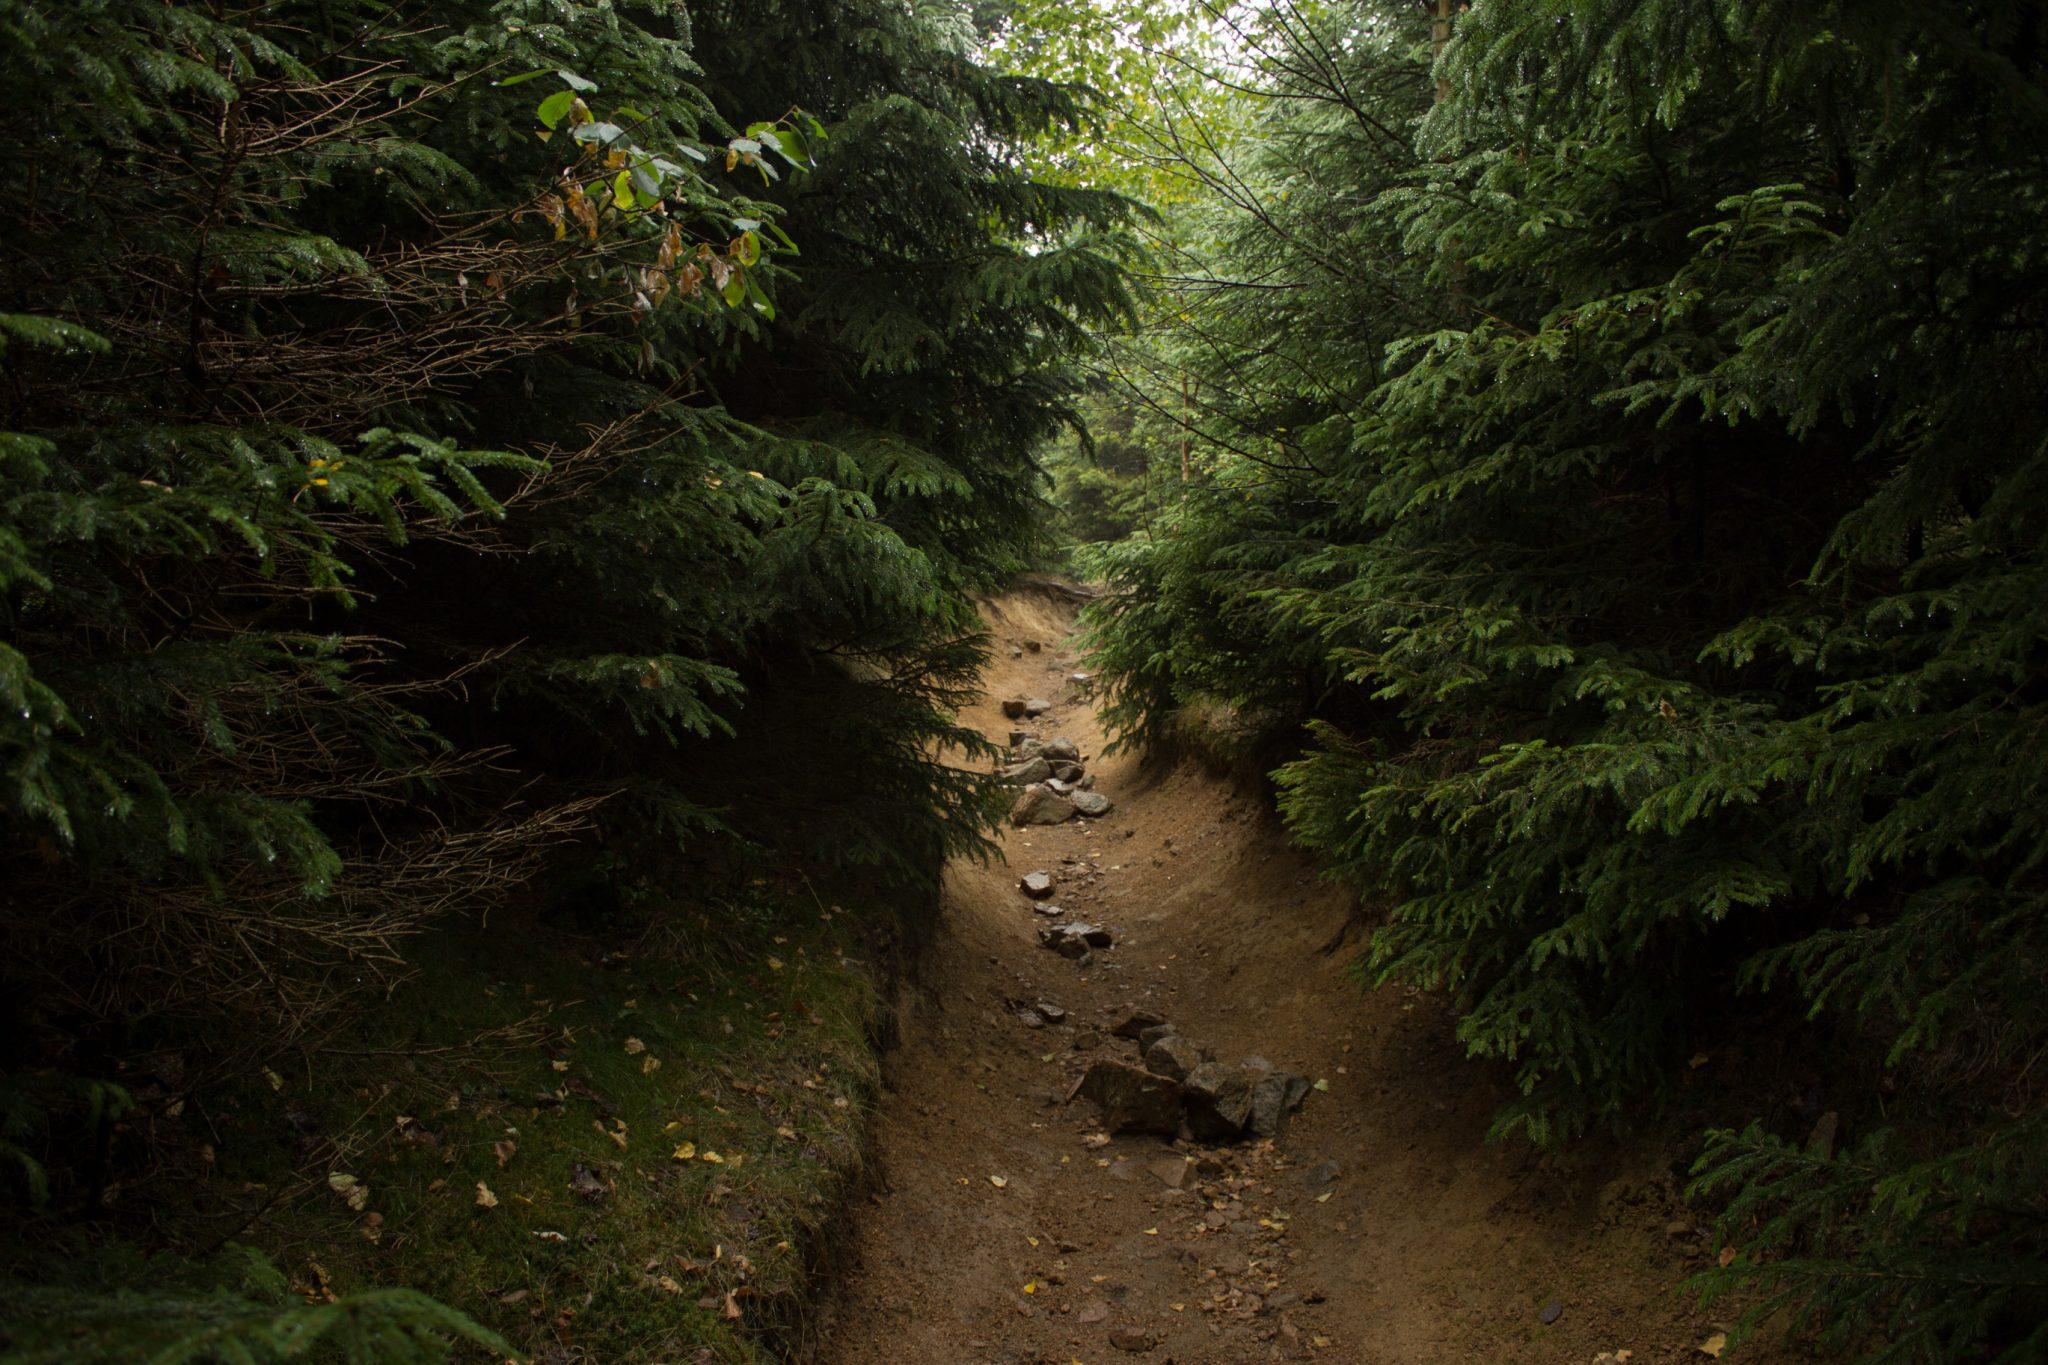 Wanderung Brocken über Heinrich-Heine-Weg, Start in Ilsenburg, Nationalpark Harz, schöner Wanderweg im Wald, atmosphärisch, herrliche frische Luft, über Stock und Stein über schmalen Pfad